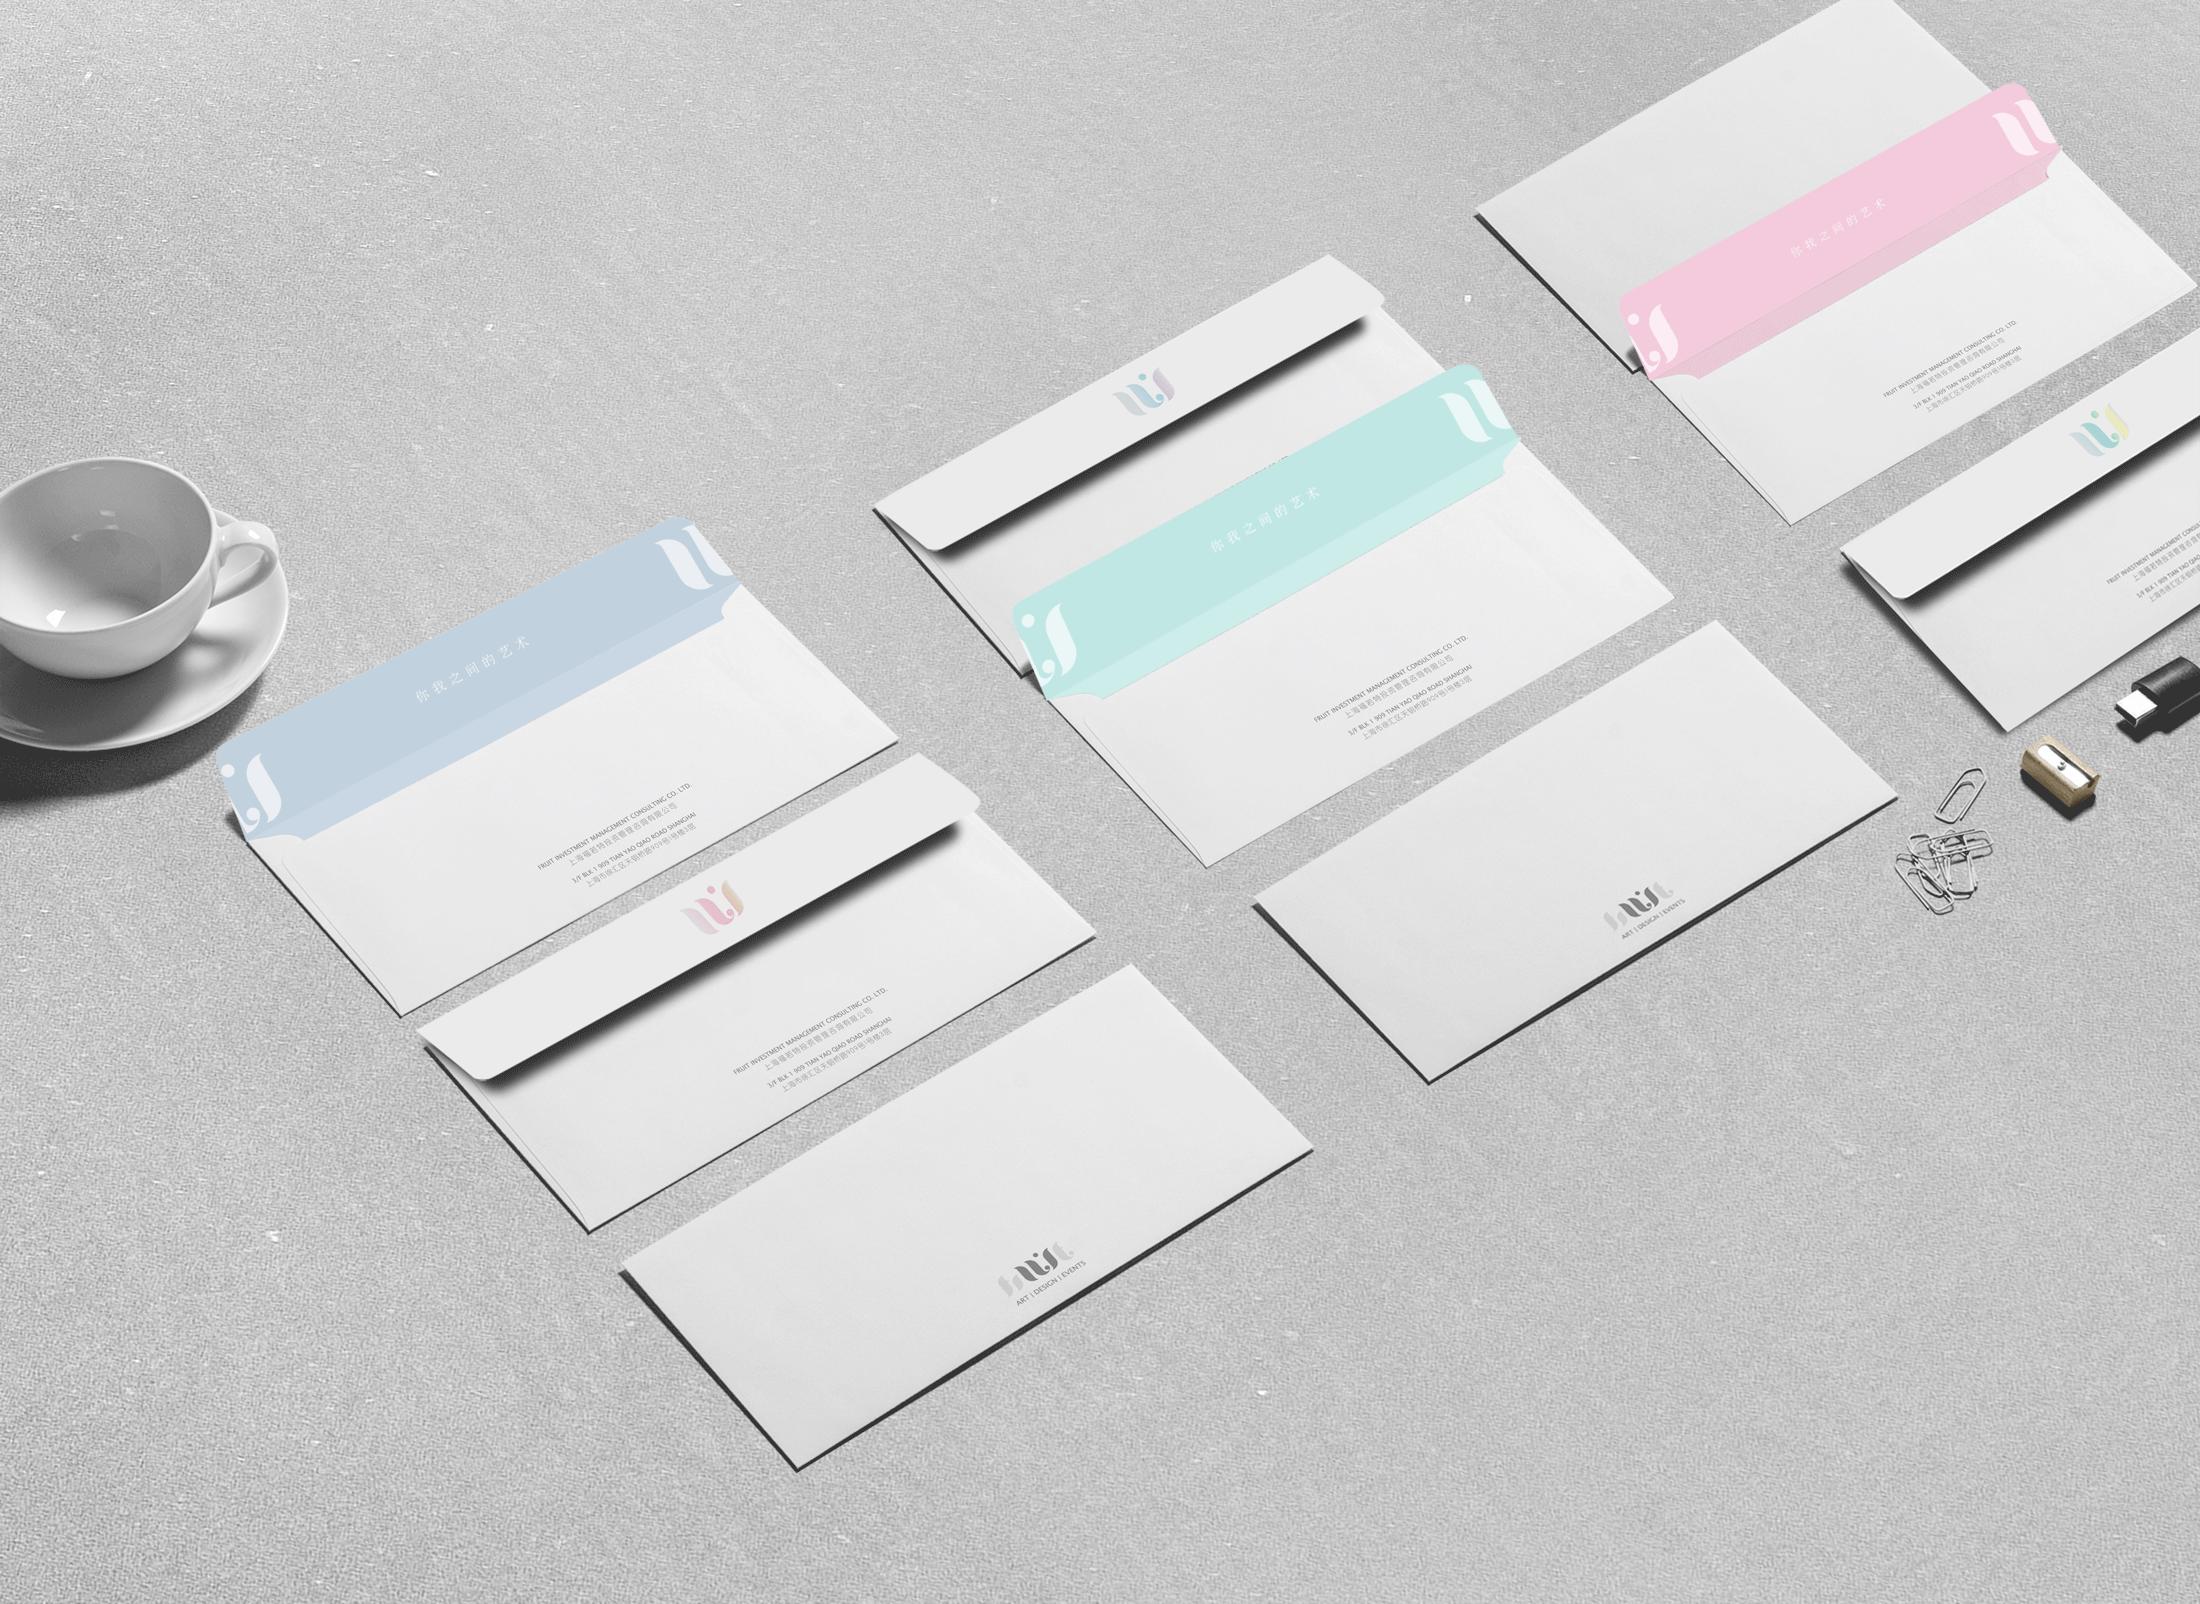 查看《UI Branding Design》原图,原图尺寸:2200x1604